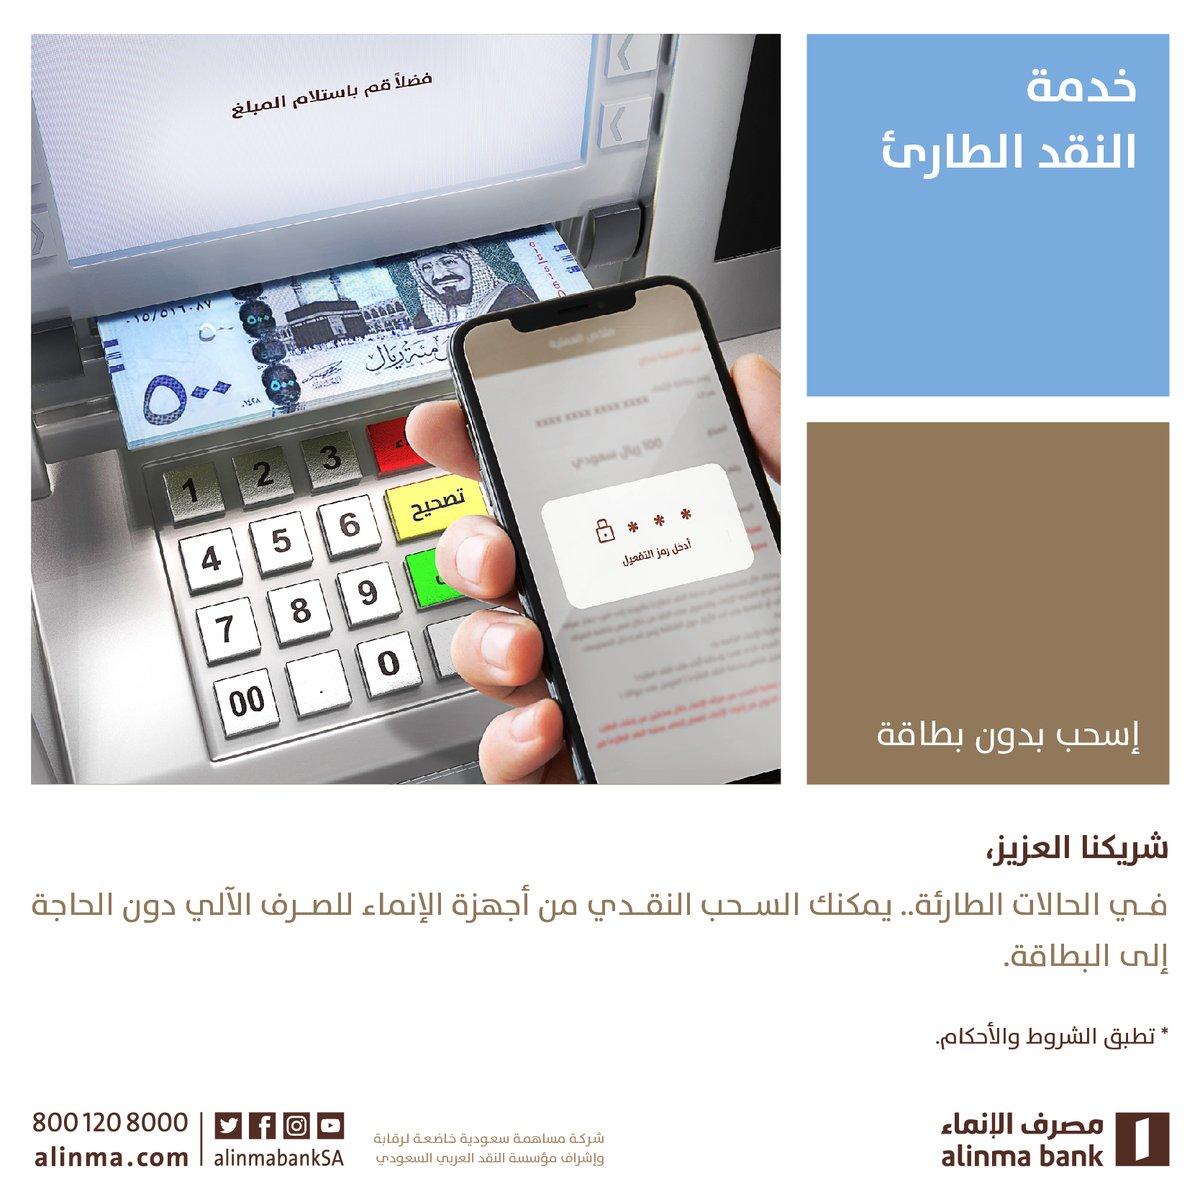 مصرف الإنماء On Twitter اسحب المبلغ المطلوب عبر أجهزة الإنماء للصرف الآلي بدون بطاقة عند تسجيلك في خدمة النقد الطارئ Https T Co N0m5q5ac2v مصرف الإنماء Https T Co X8jxhluovd